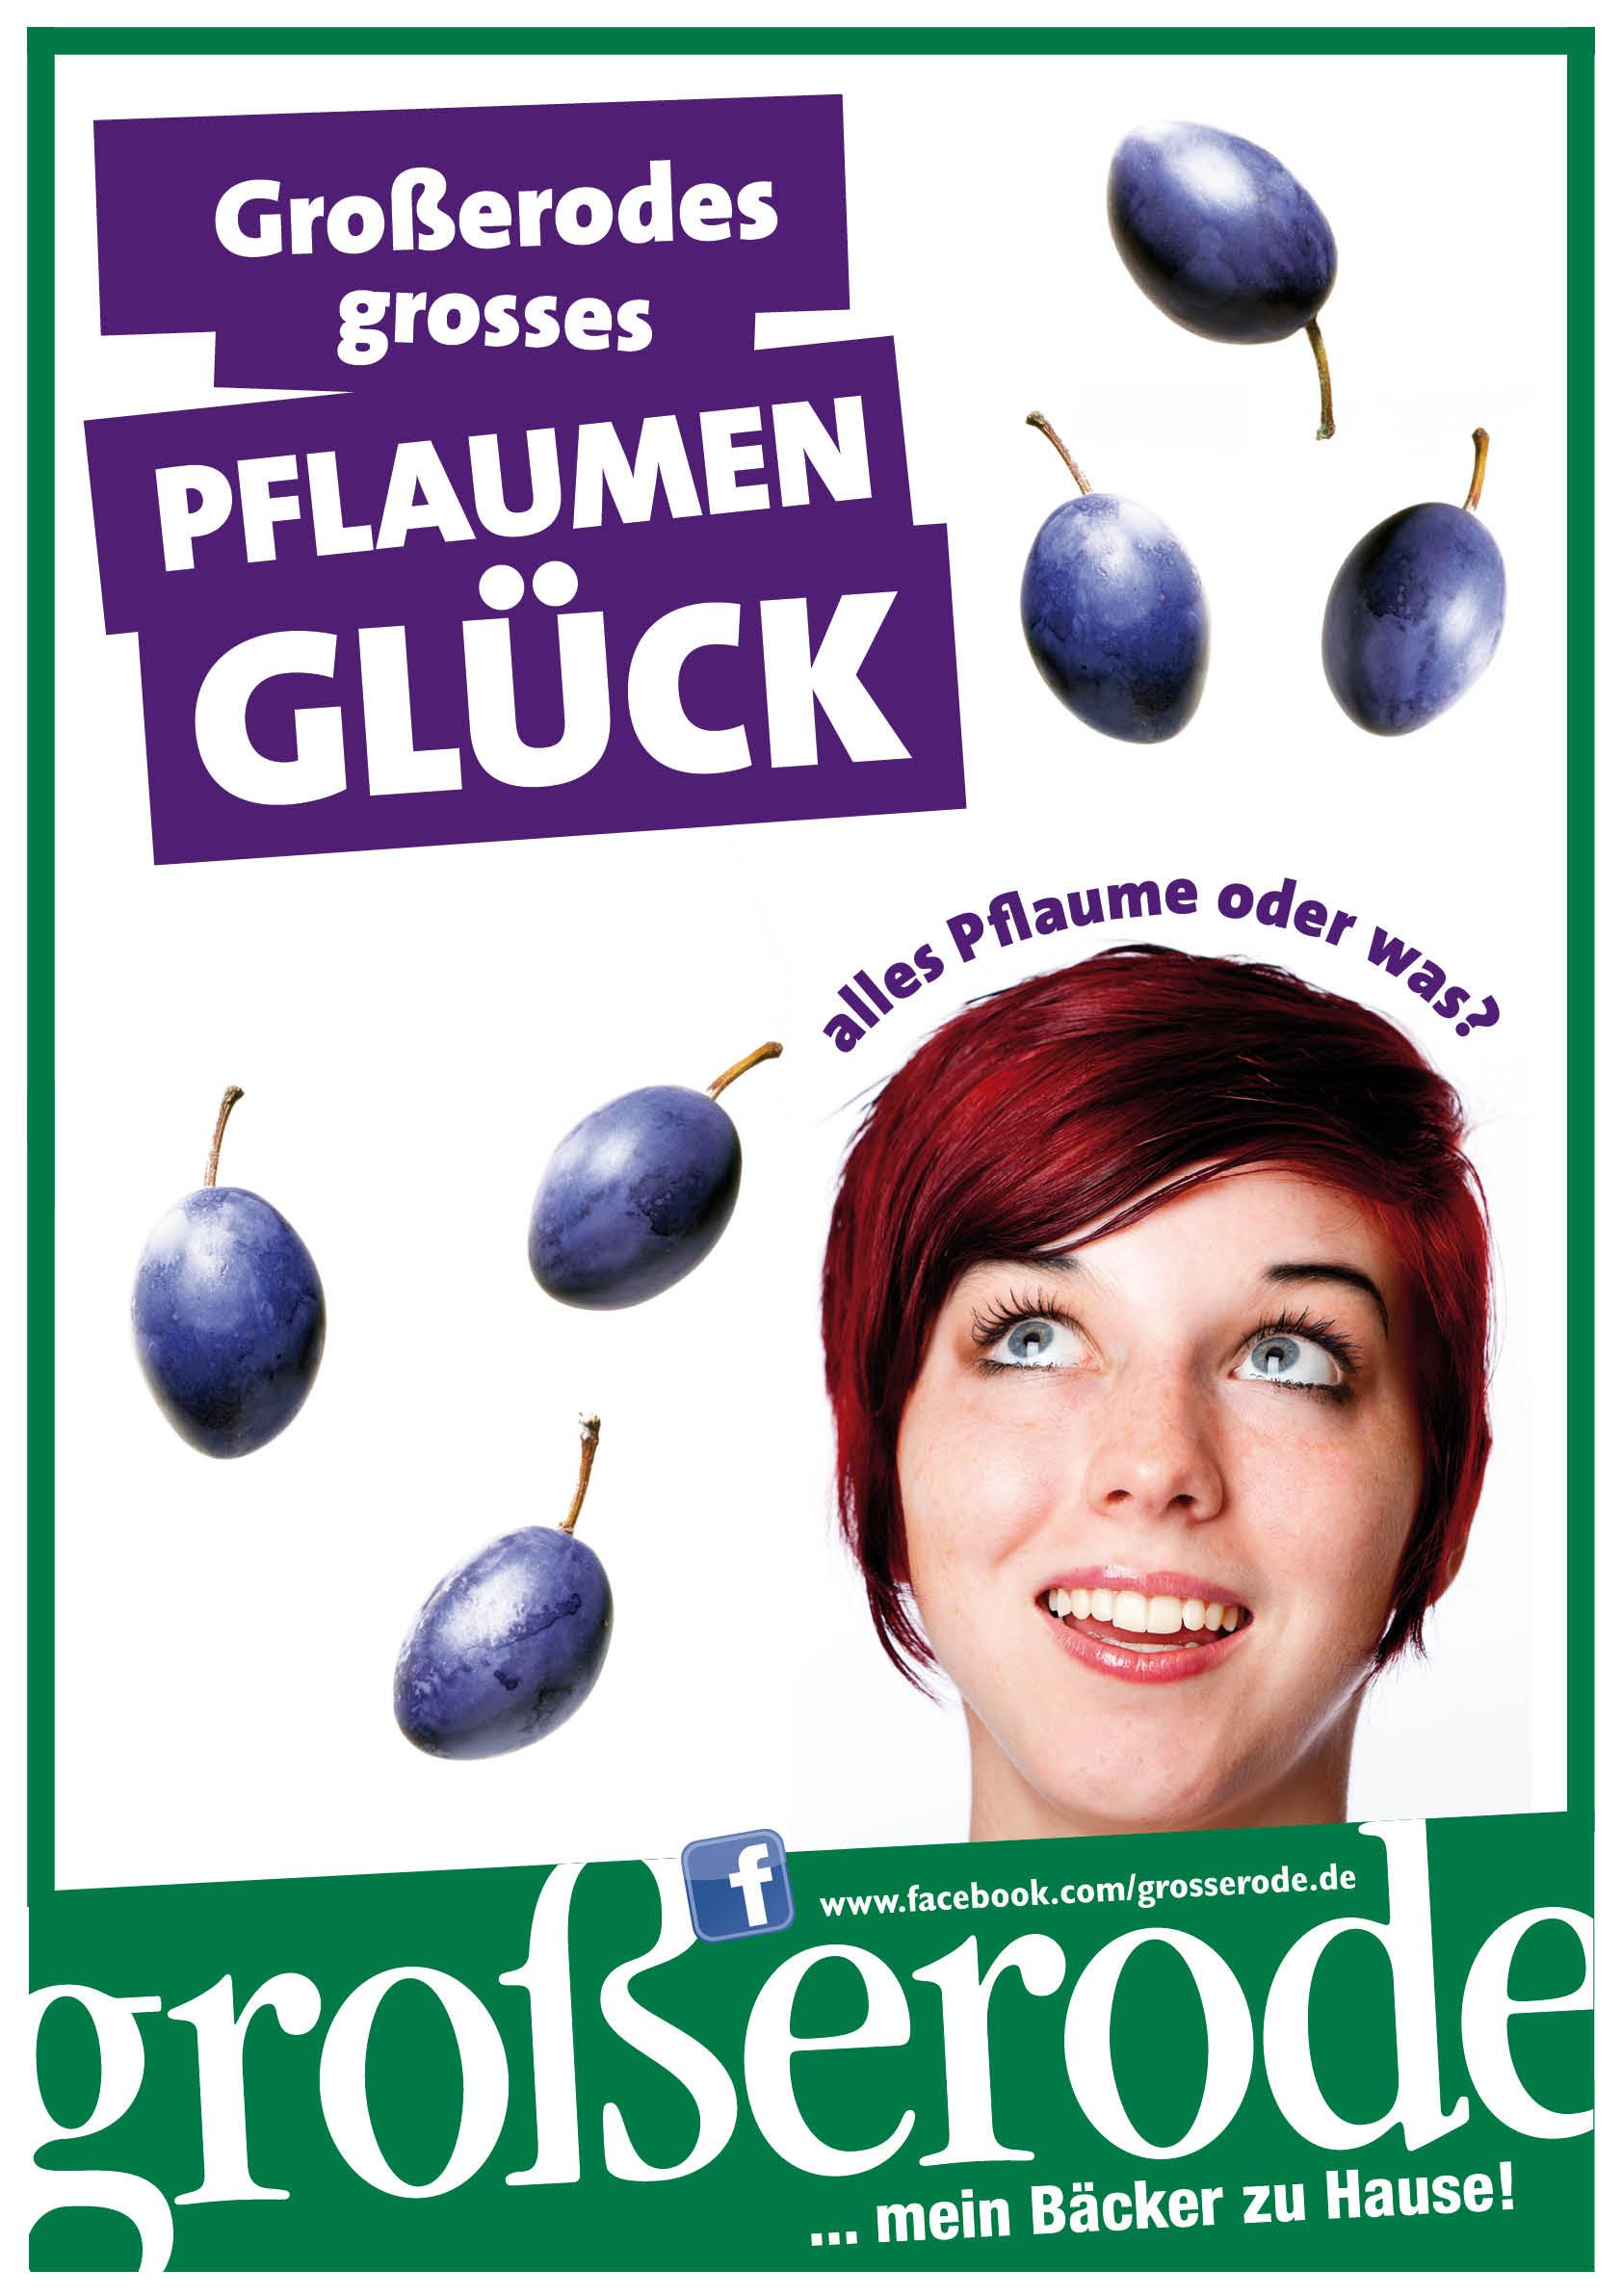 20140722_Grosserode_Pflaumenaktion_Web.jpg